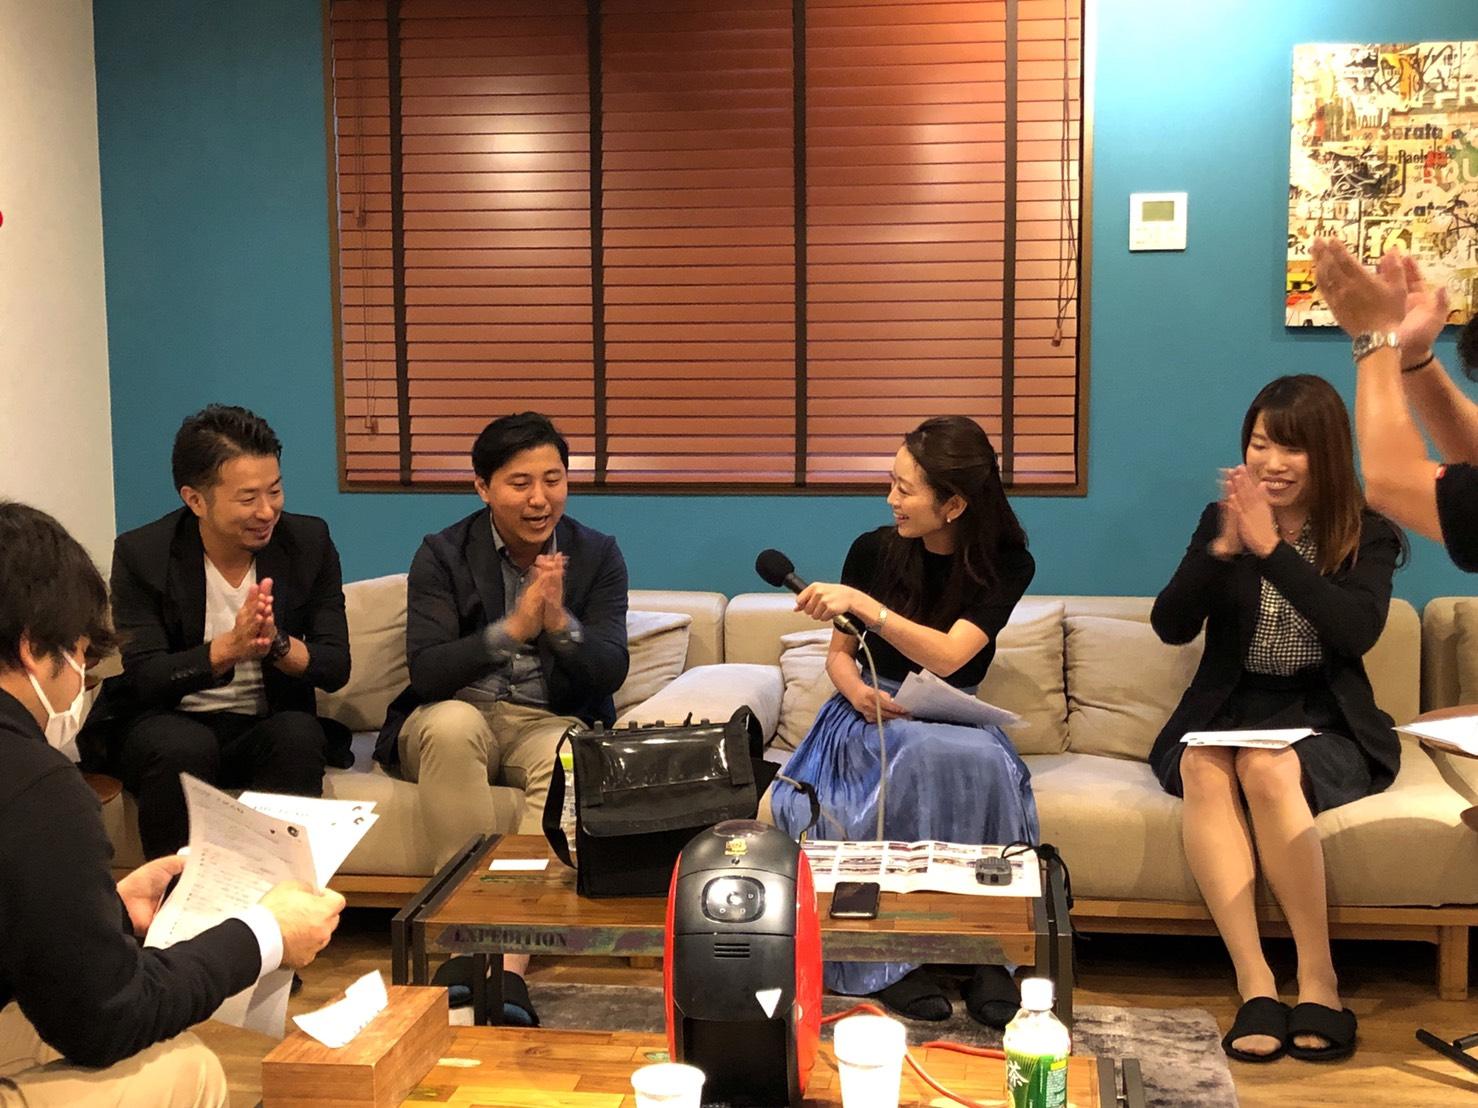 Tokyo FMさんに出演させていただきました!|TIME SHARING|タイムシェアリング |スペースマネジメント|あどばる|adval|SHARING